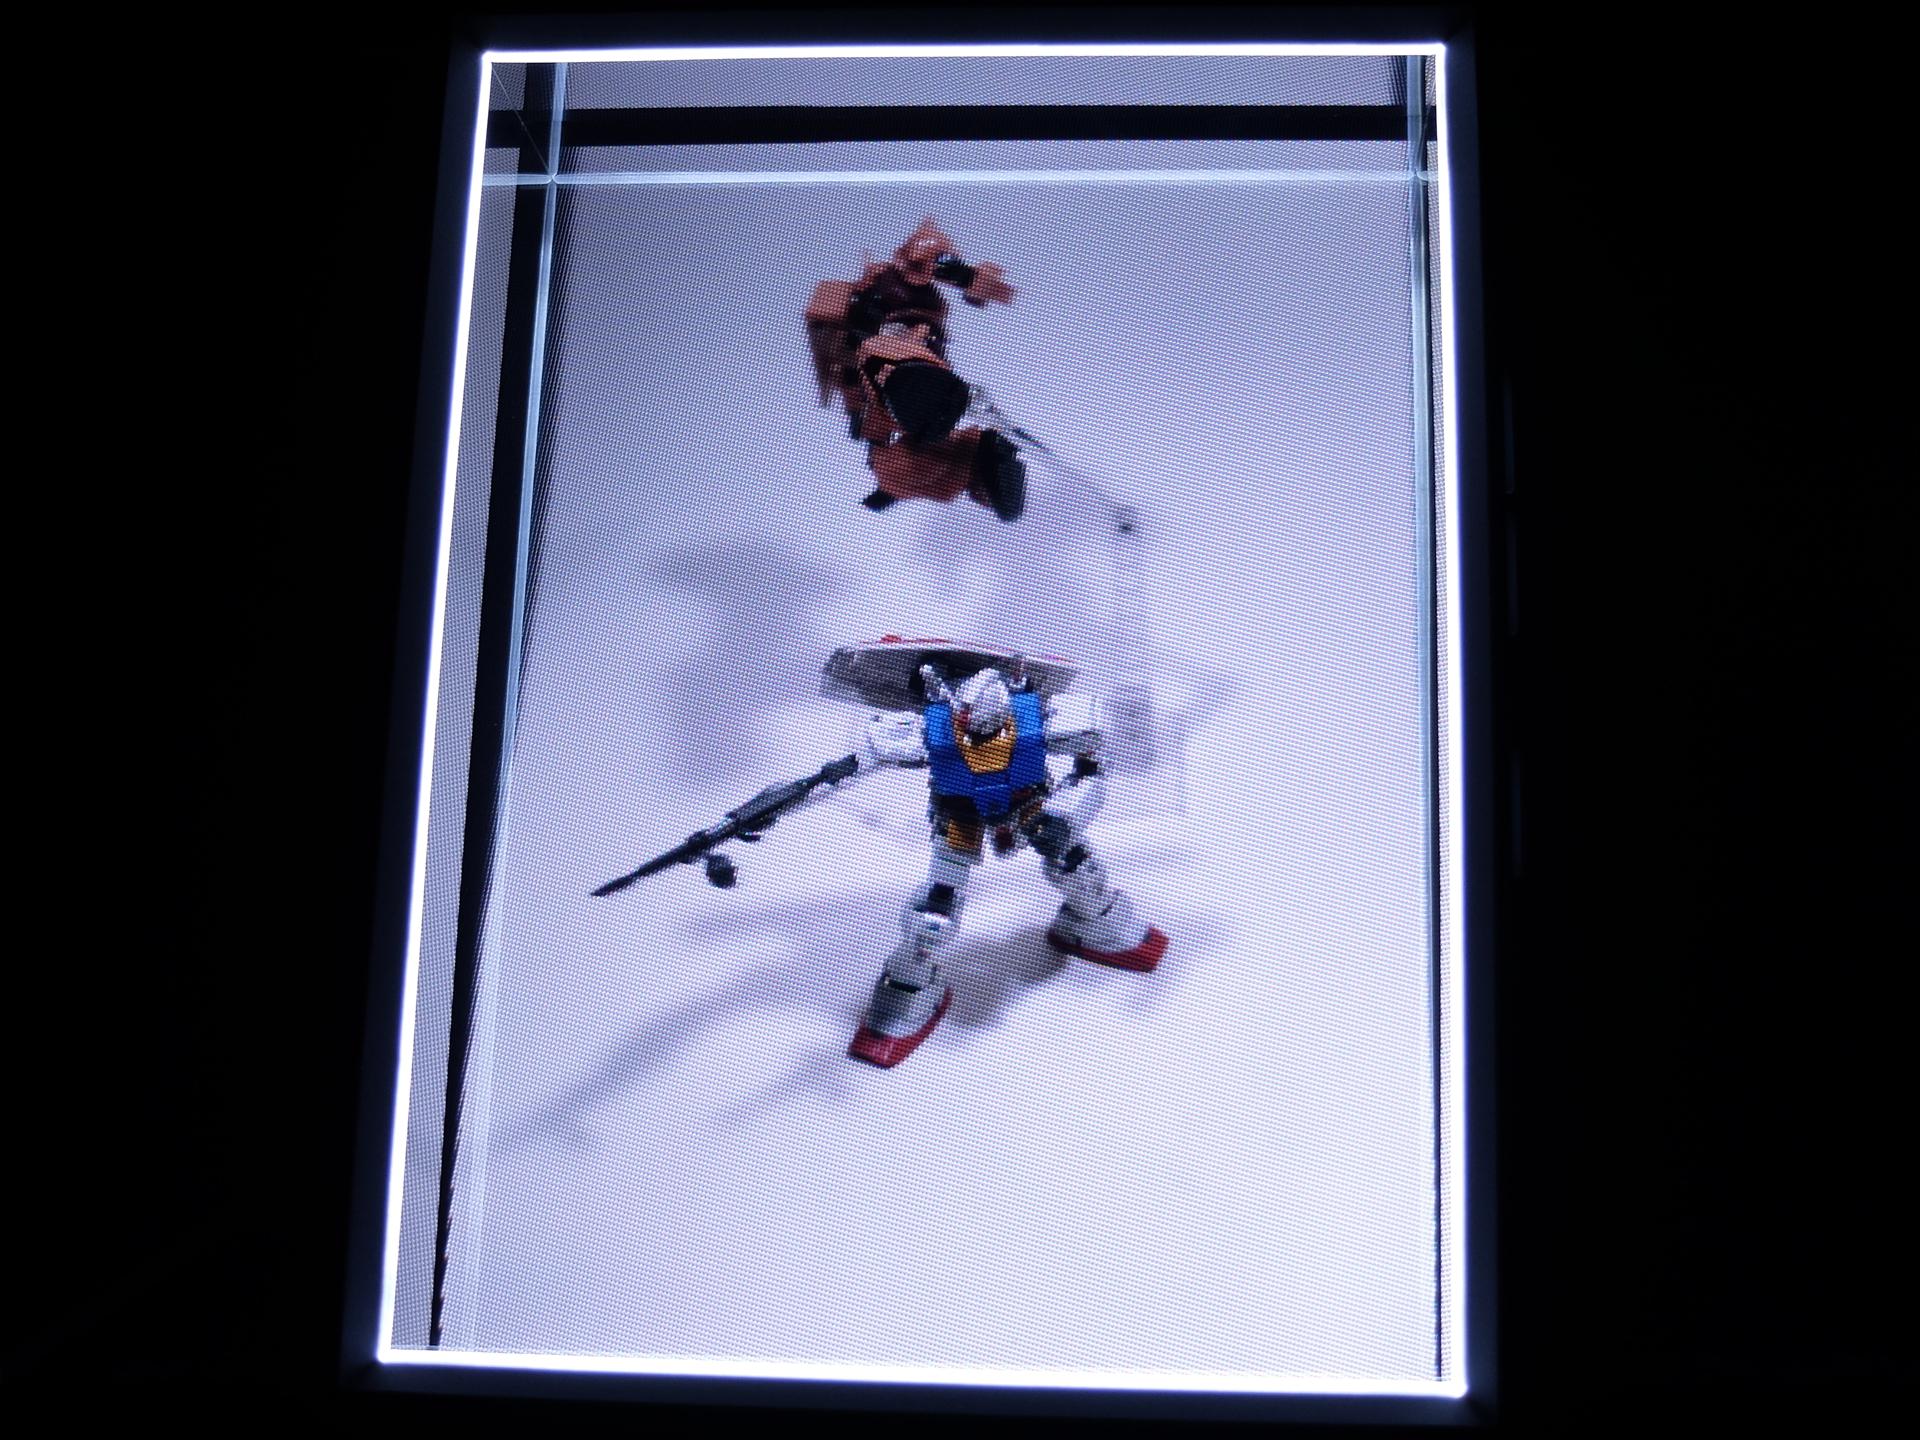 実際に「Looking Glass Portrait」上で表示するとこんな感じ